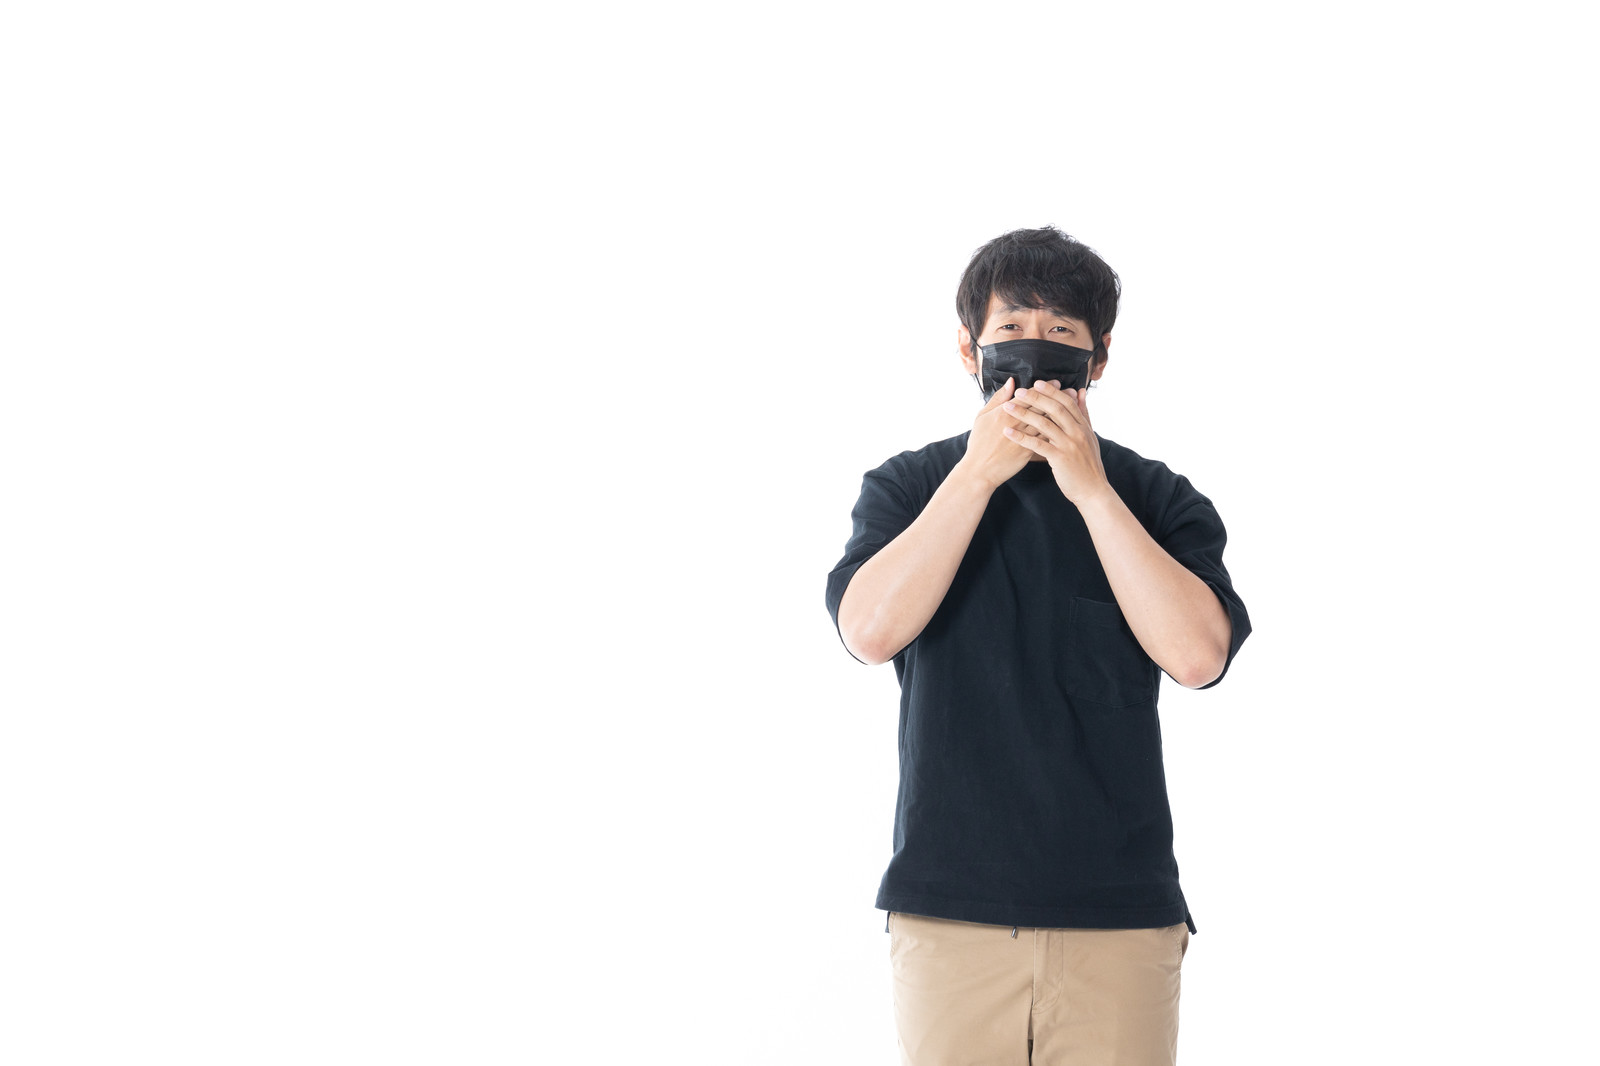 あざ笑う匿名さんの写真(画像)|フリー素材「ぱくたそ」